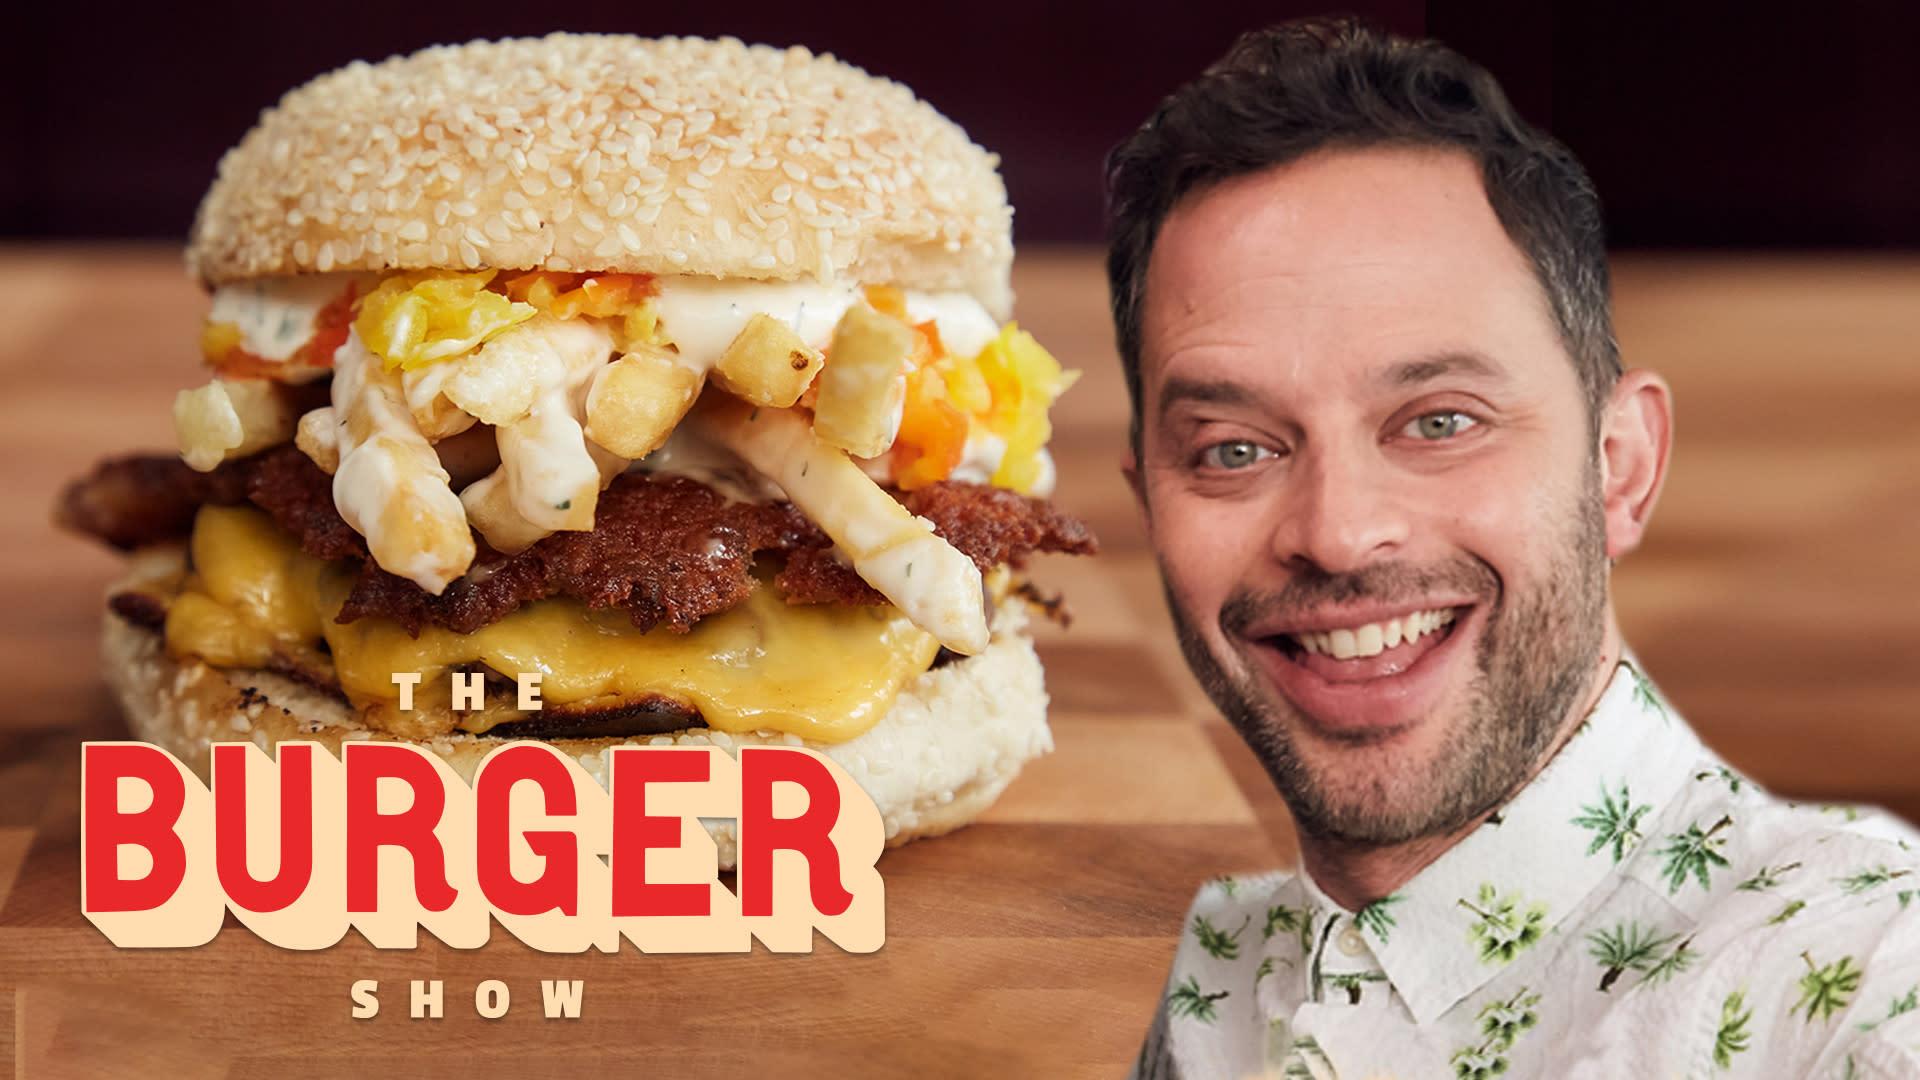 Nick Kroll's Ultimate Burger Taste-Test | The Burger Show